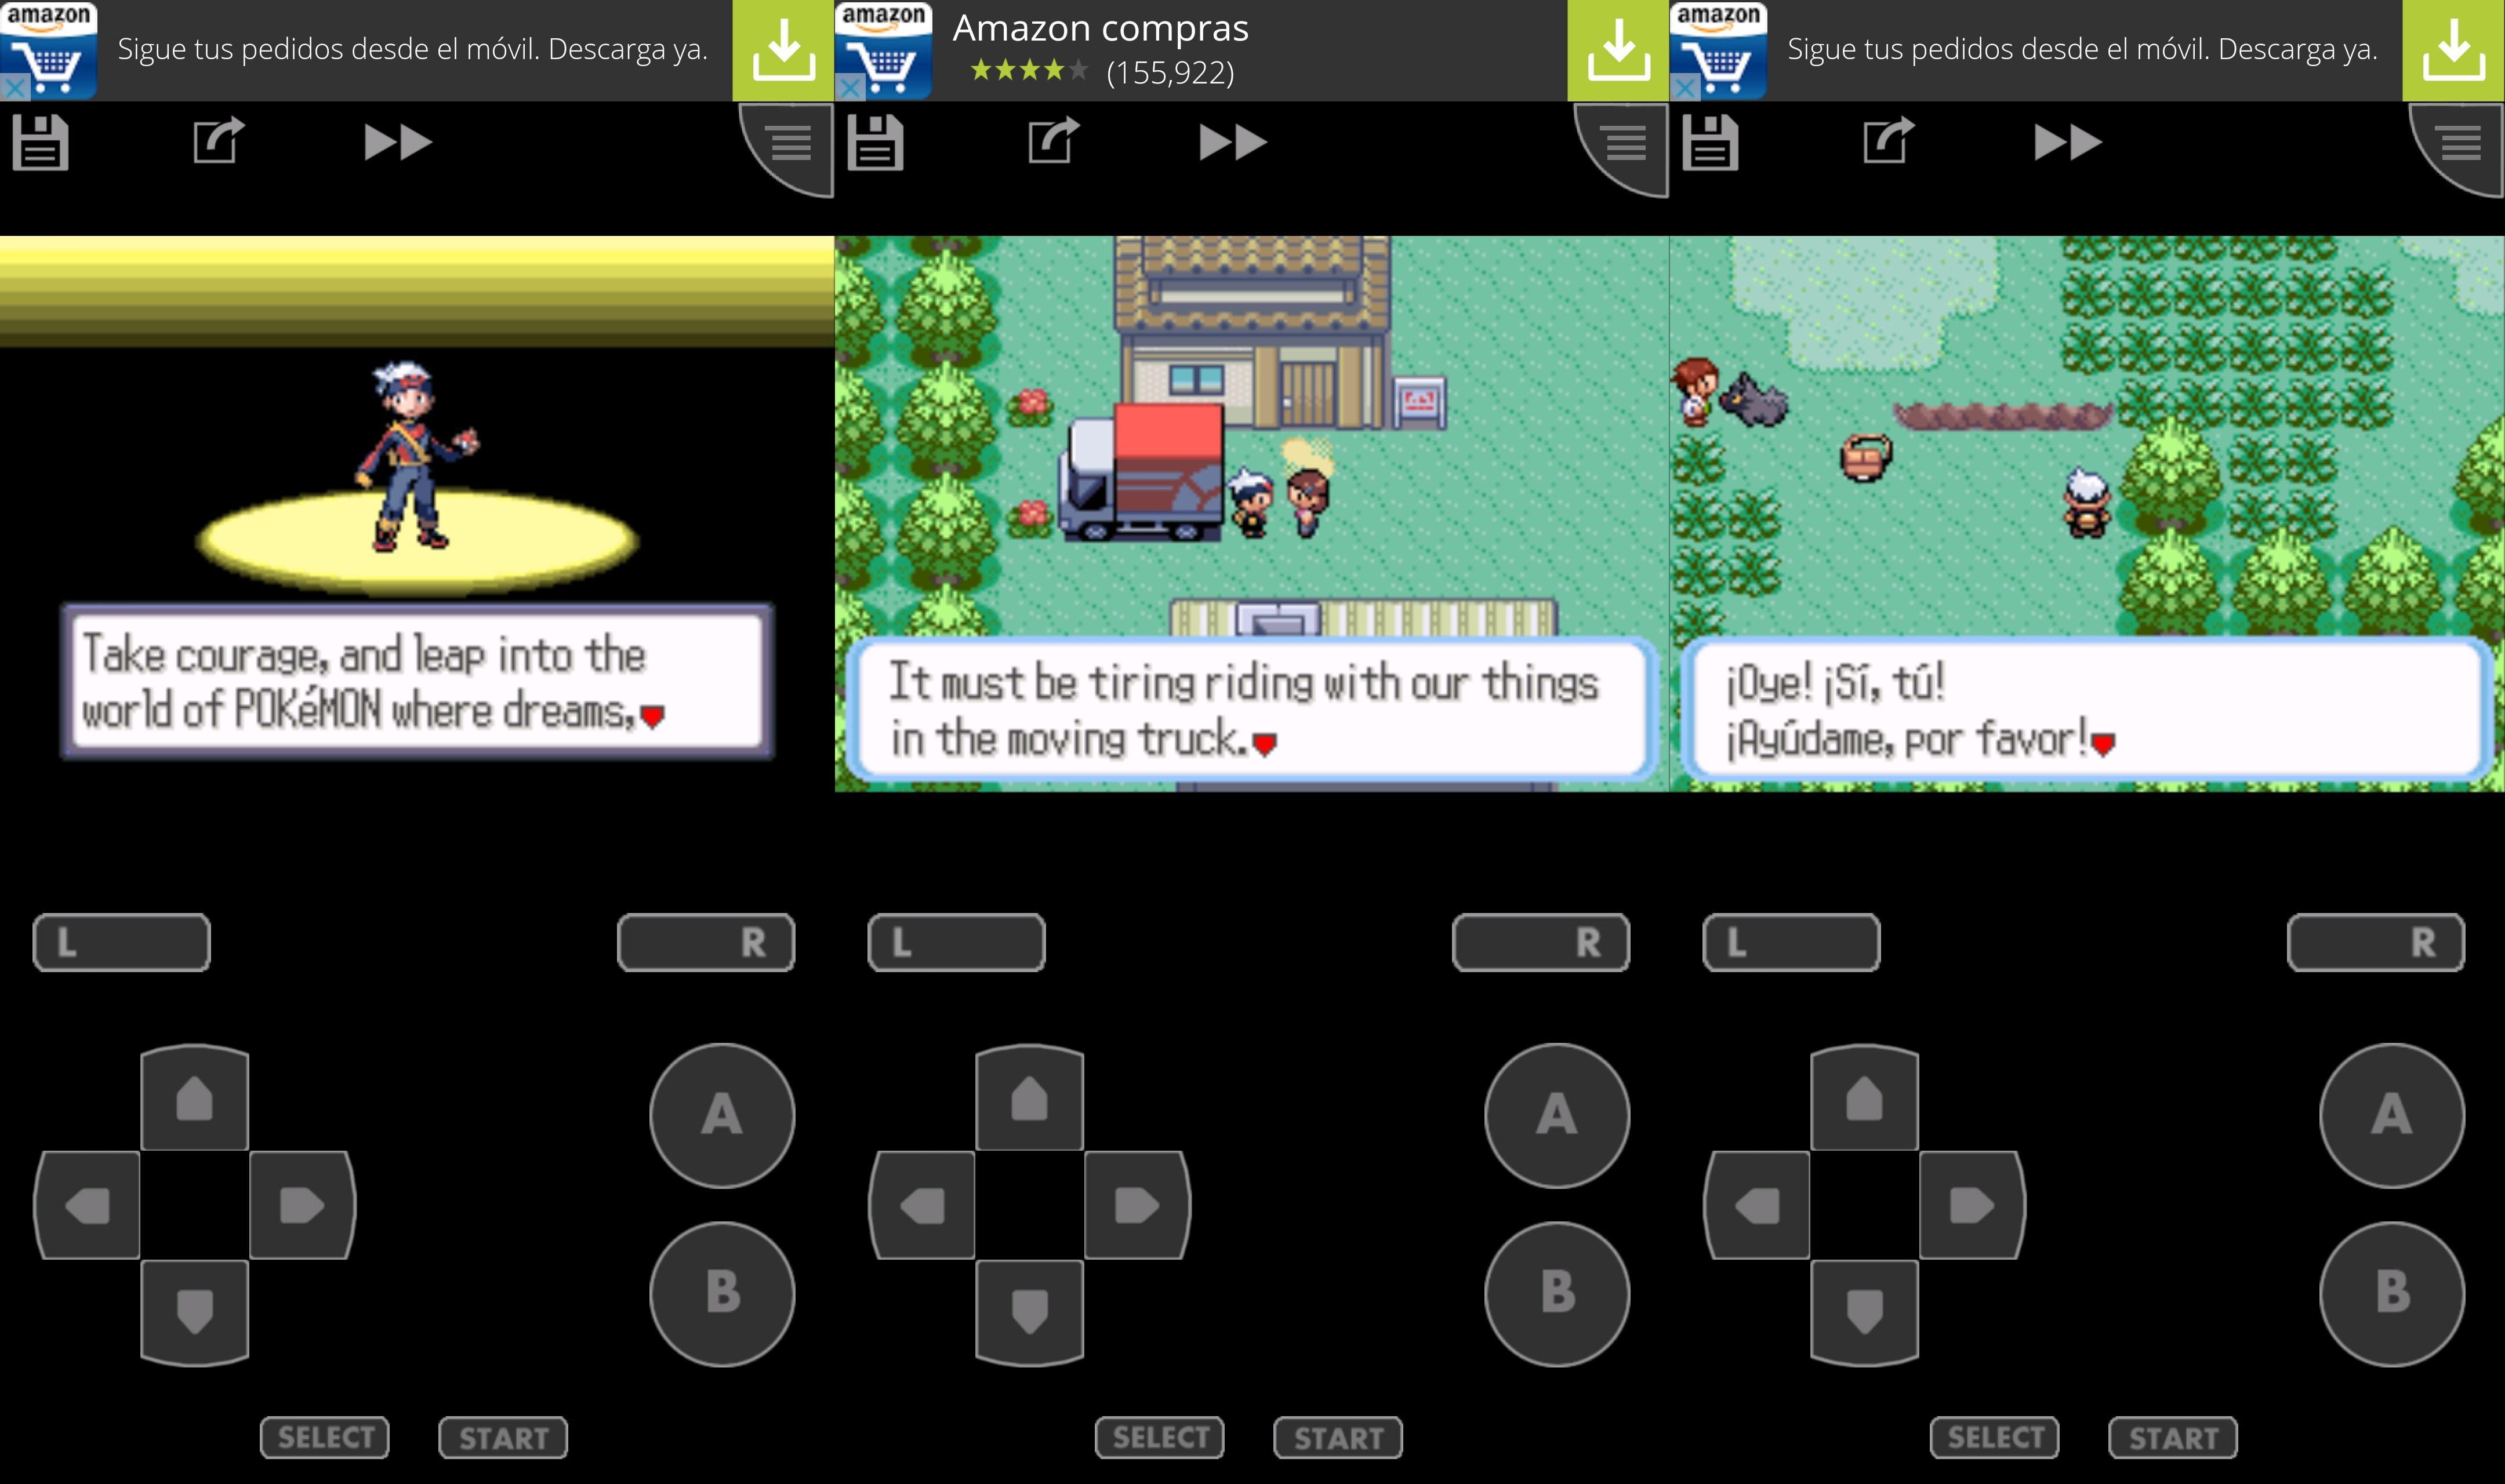 descargar-pokemon-android